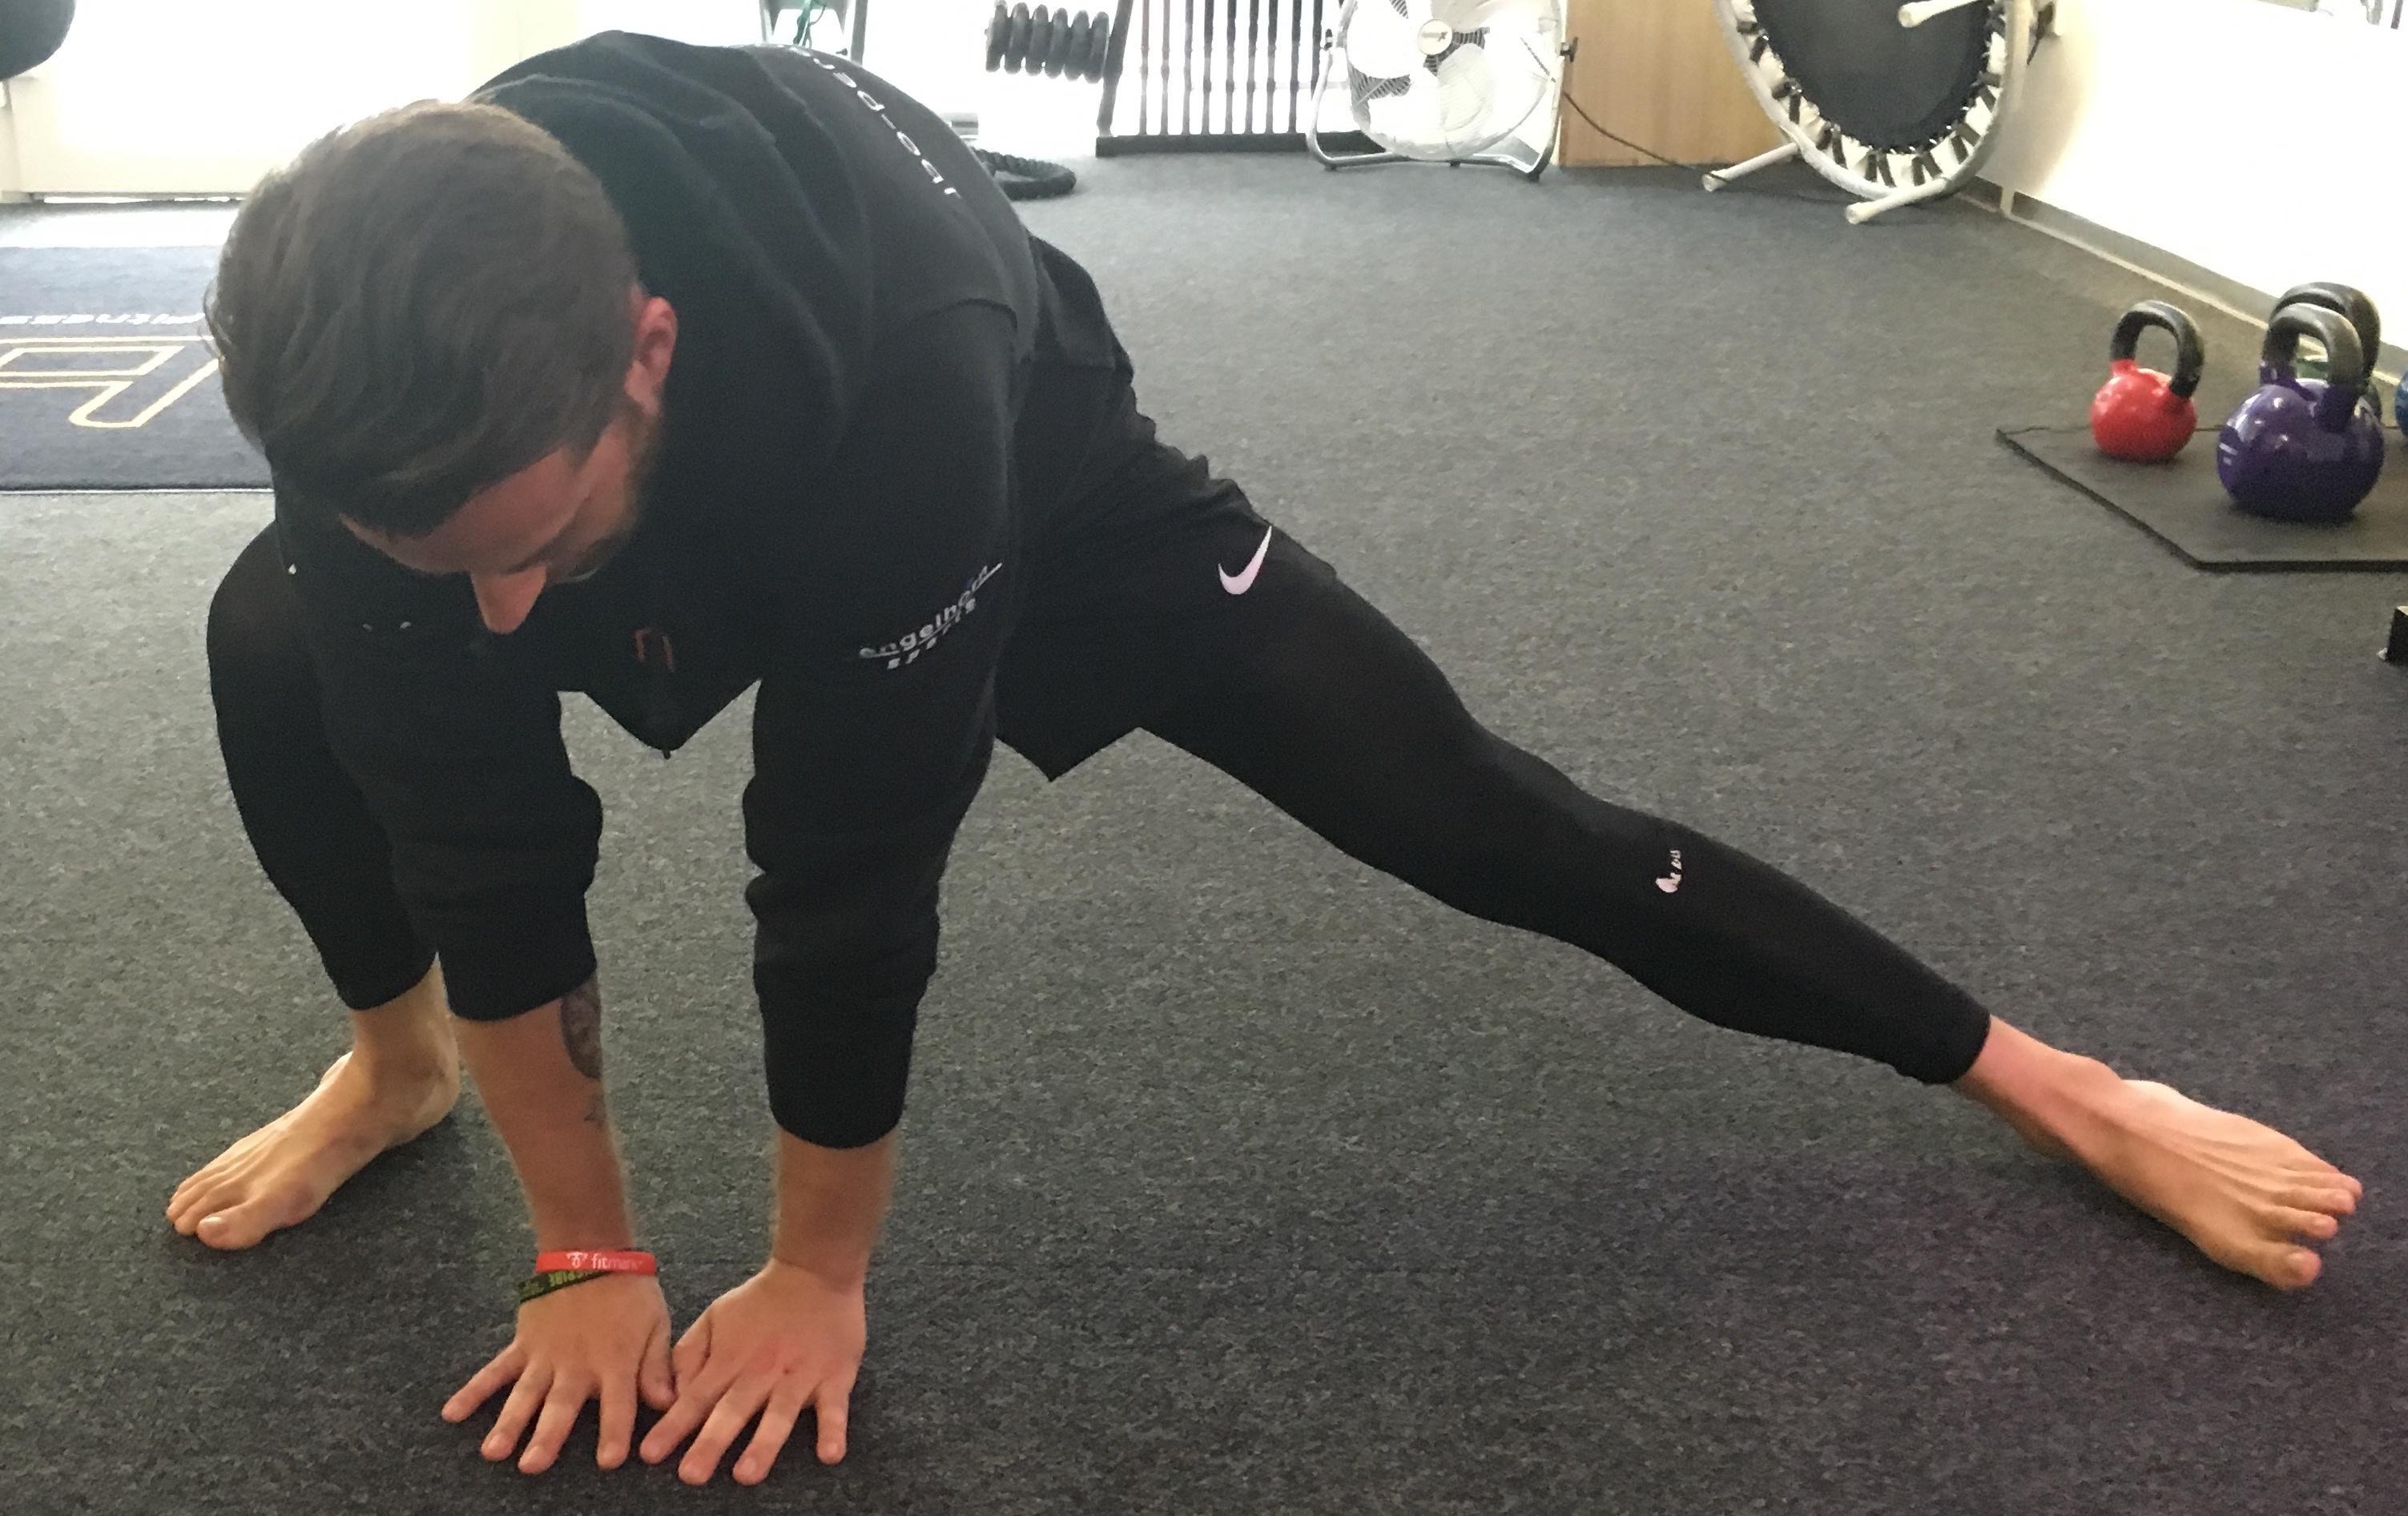 Hüftmobilität steigern und leistungsfähiger werden